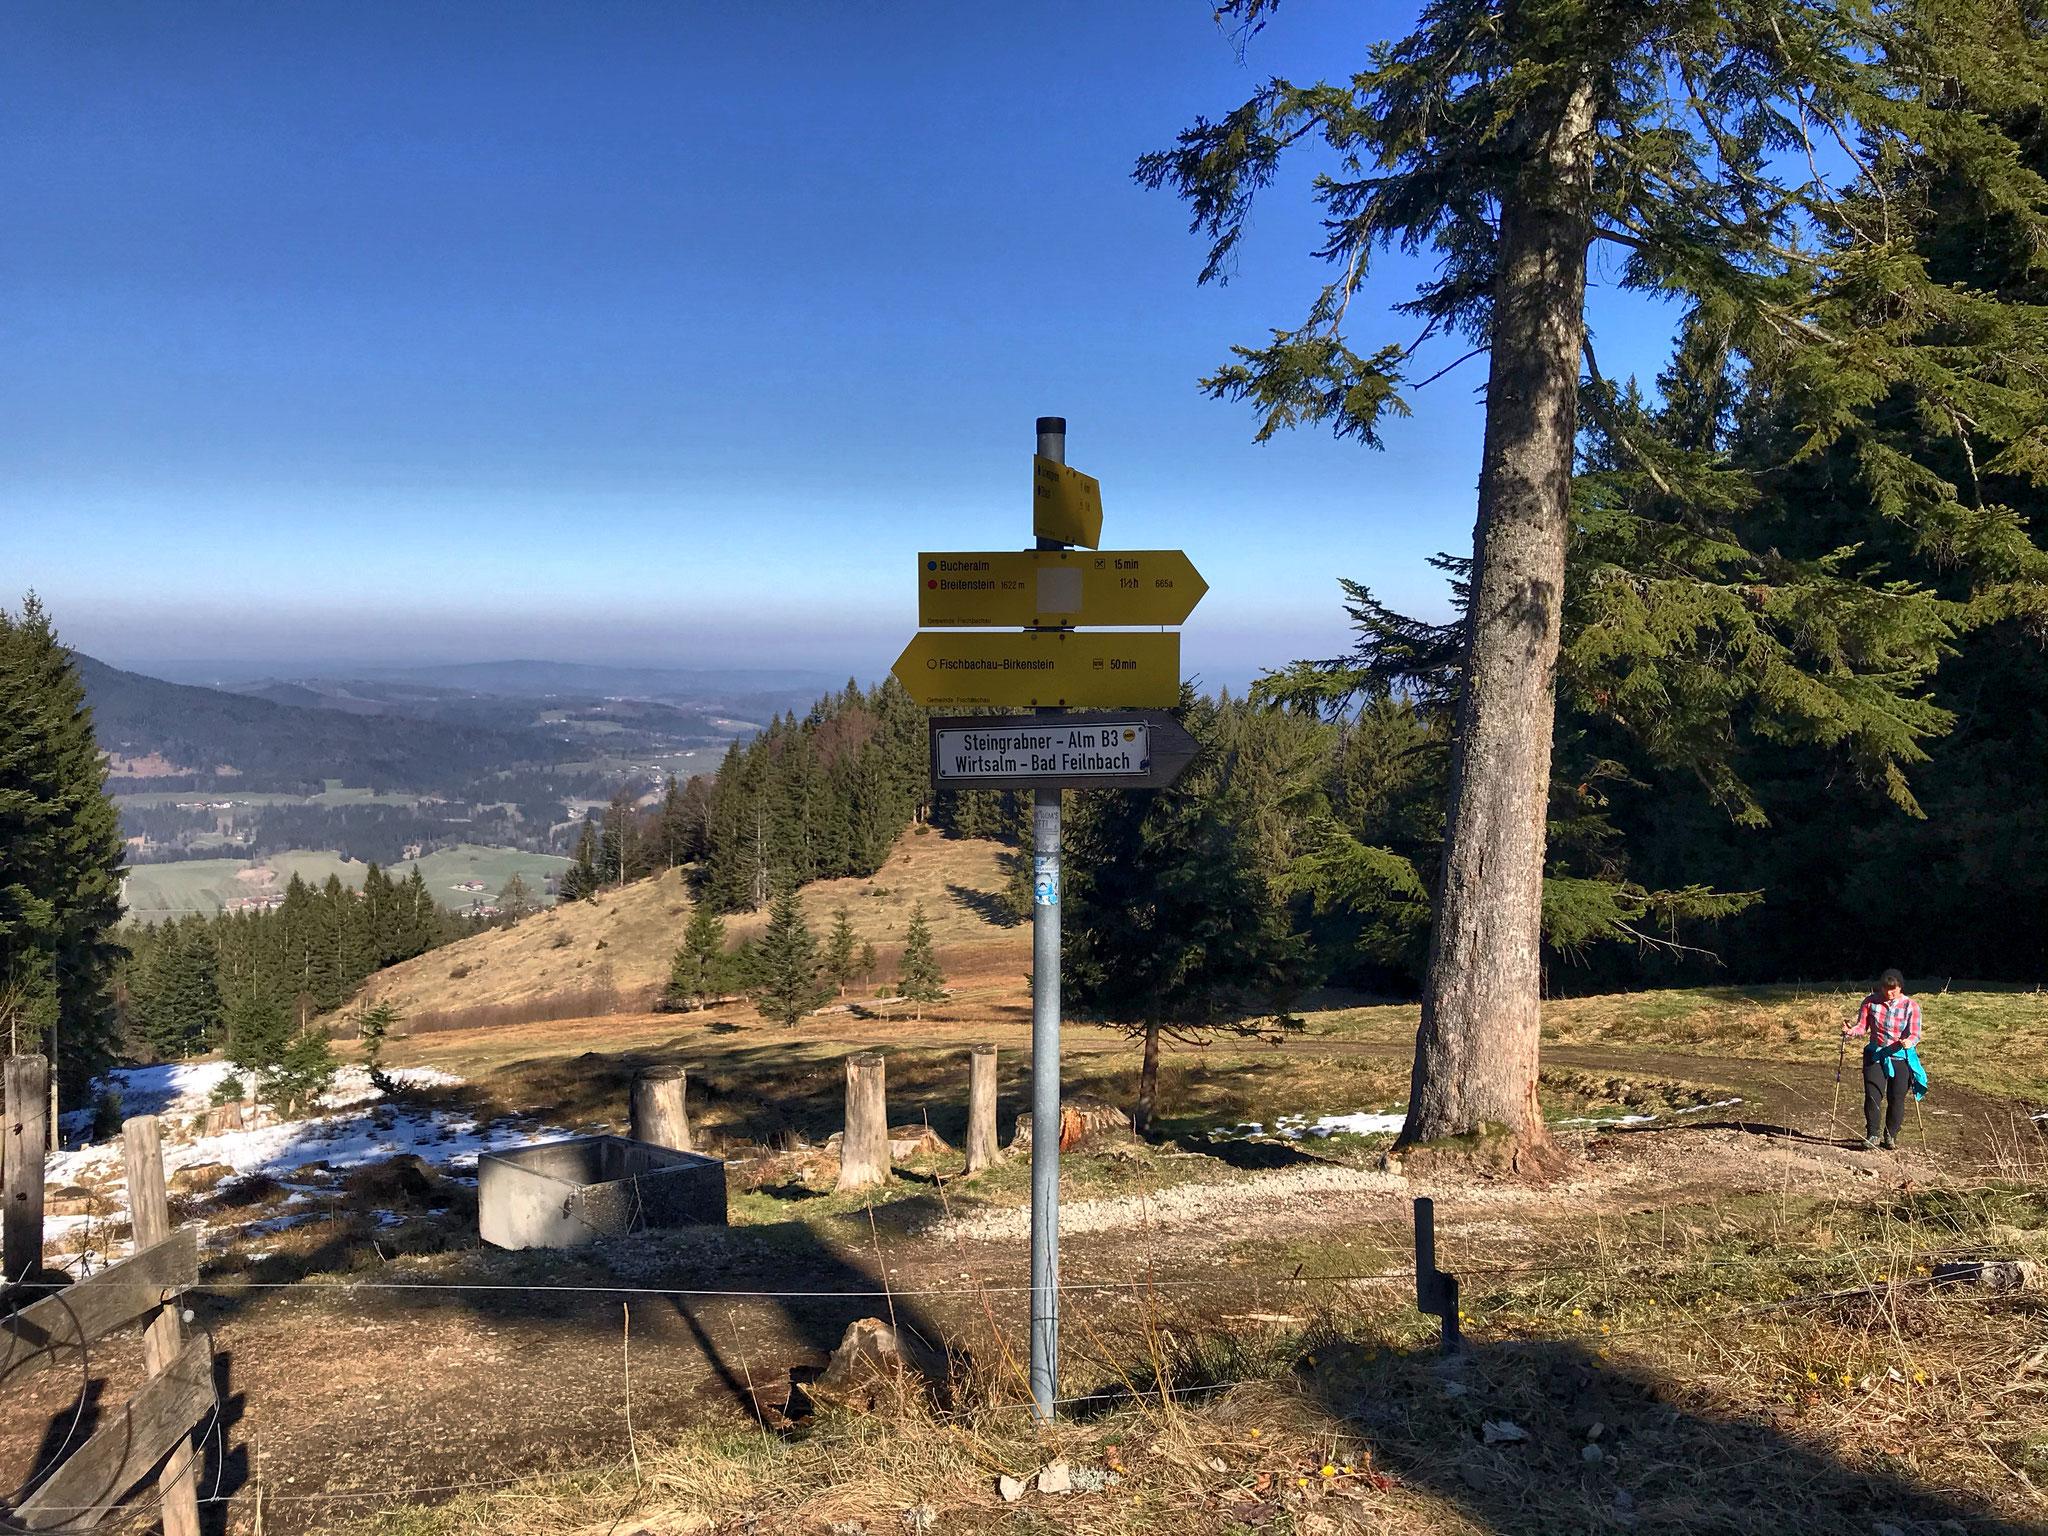 Etappe W08: Elbach - Jenbachtal - Bad Feilnbach